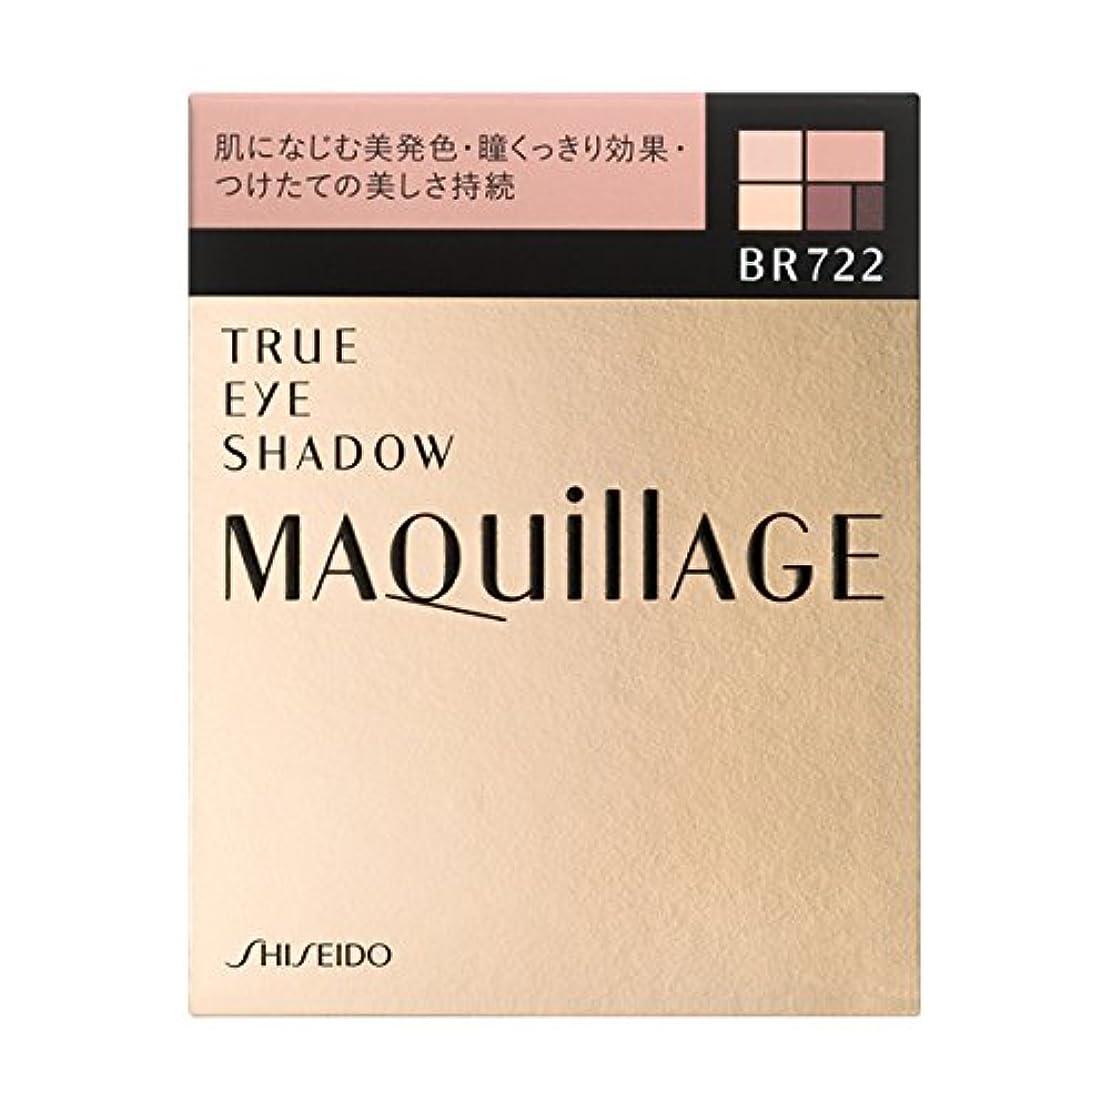 下品ボックスに変わる<2個セット>マキアージュ トゥルーアイシャドー BR722 本体 3.5g×2個